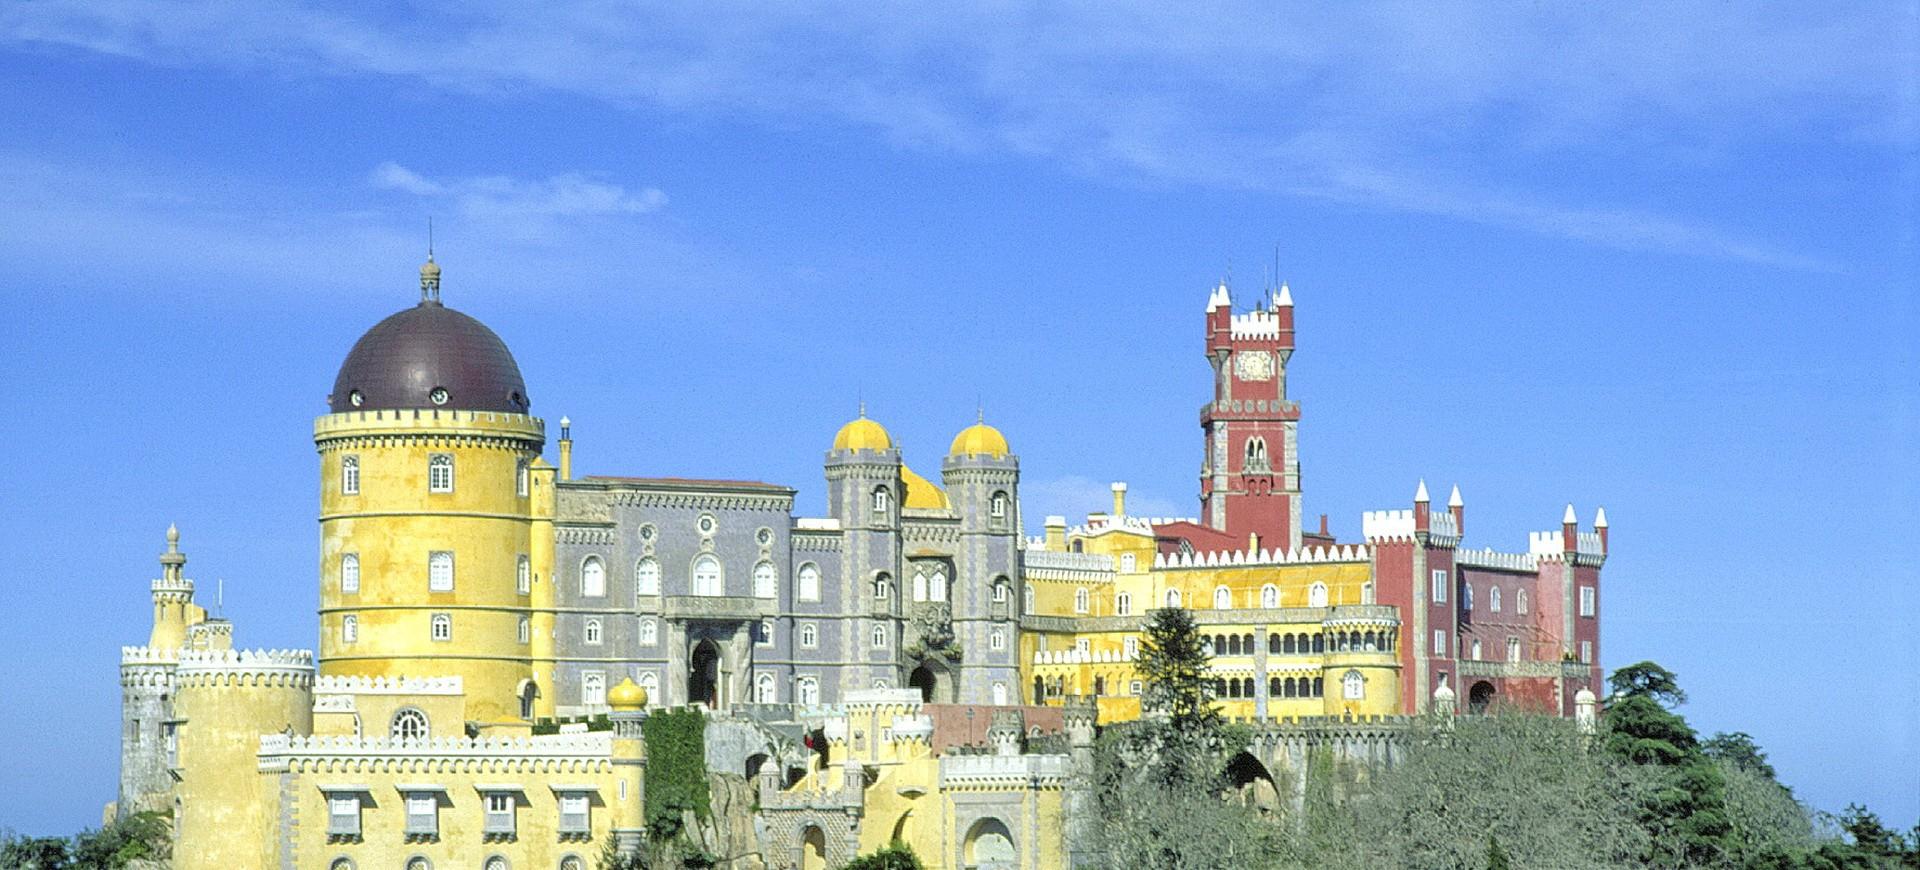 Portugal Sintra Palais de Pena